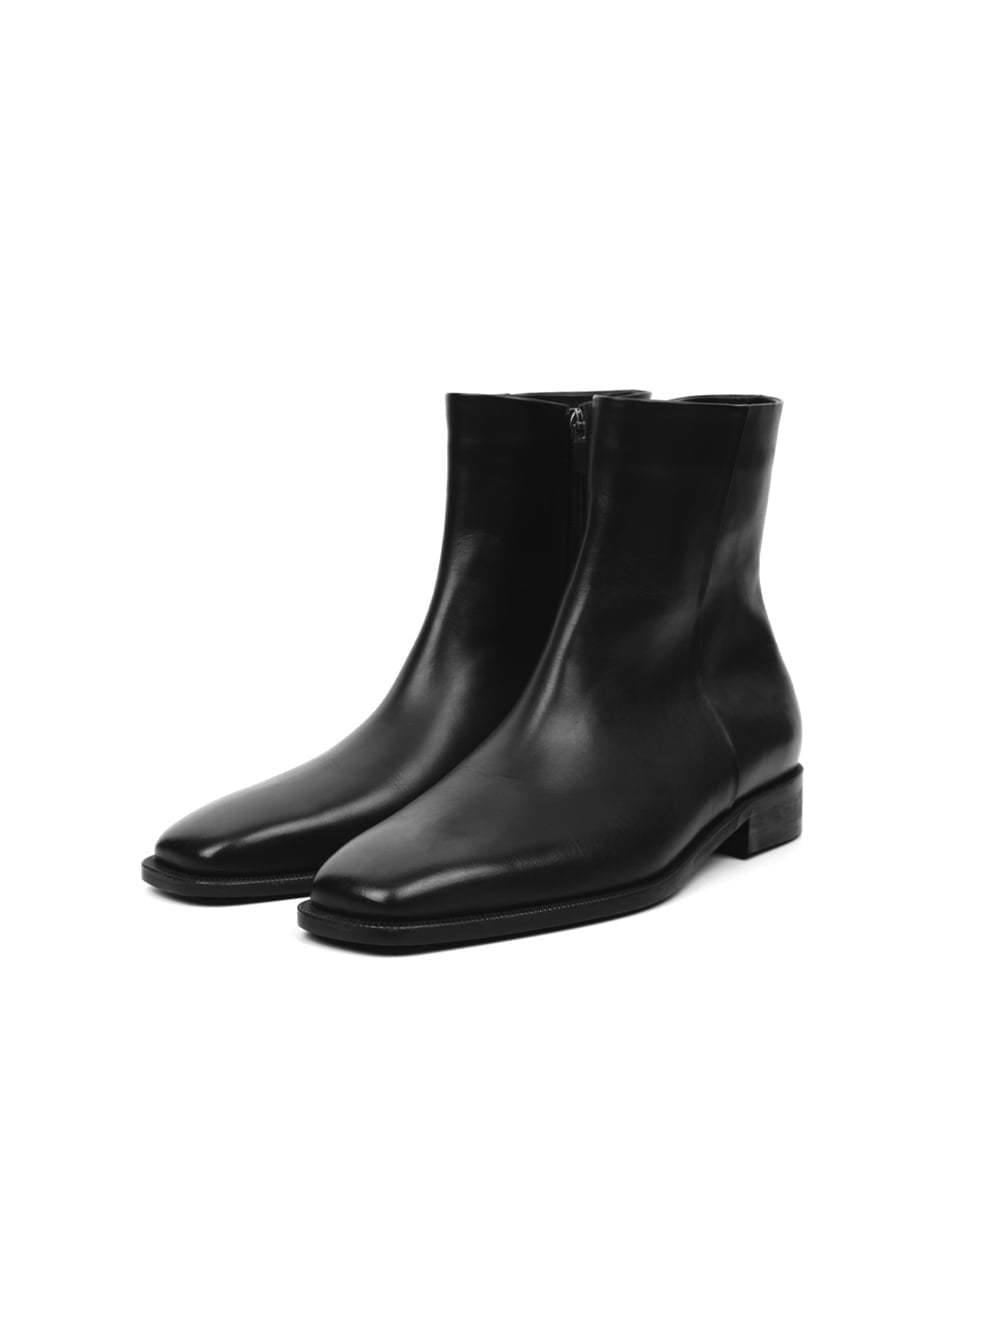 cow hide ankle boots - men